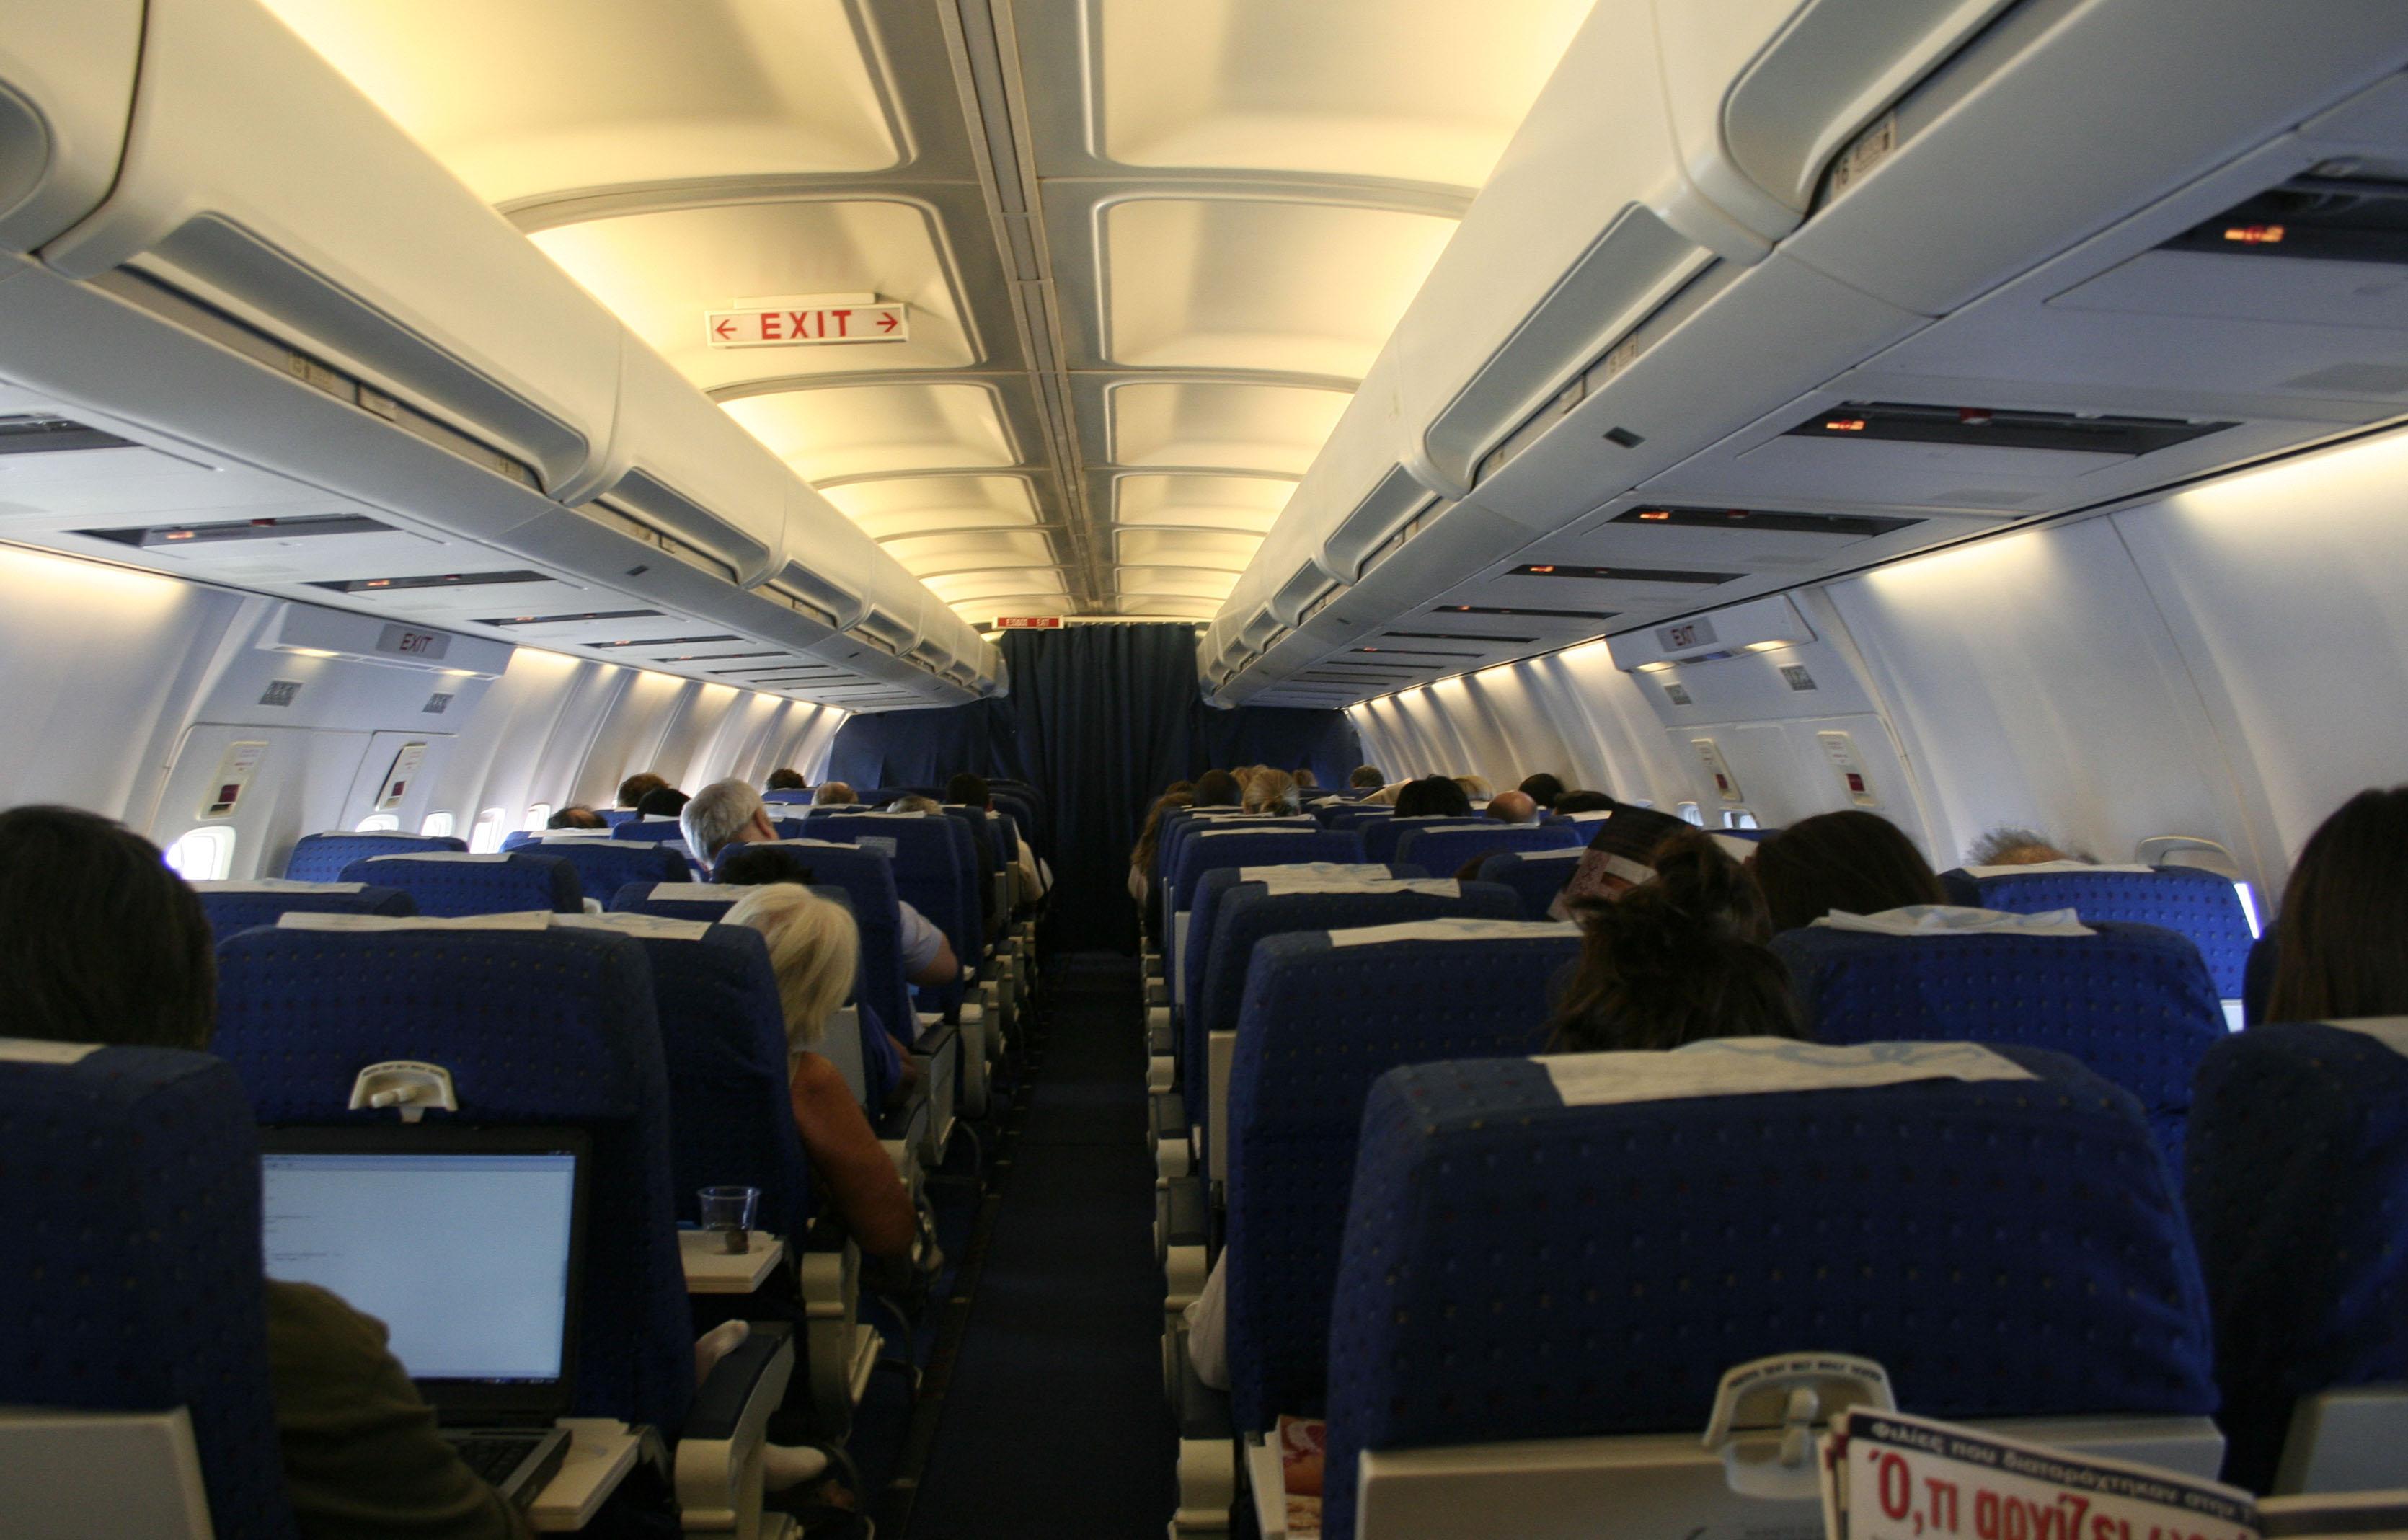 Canadá permitirá el uso de aparatos electrónicos en los aviones